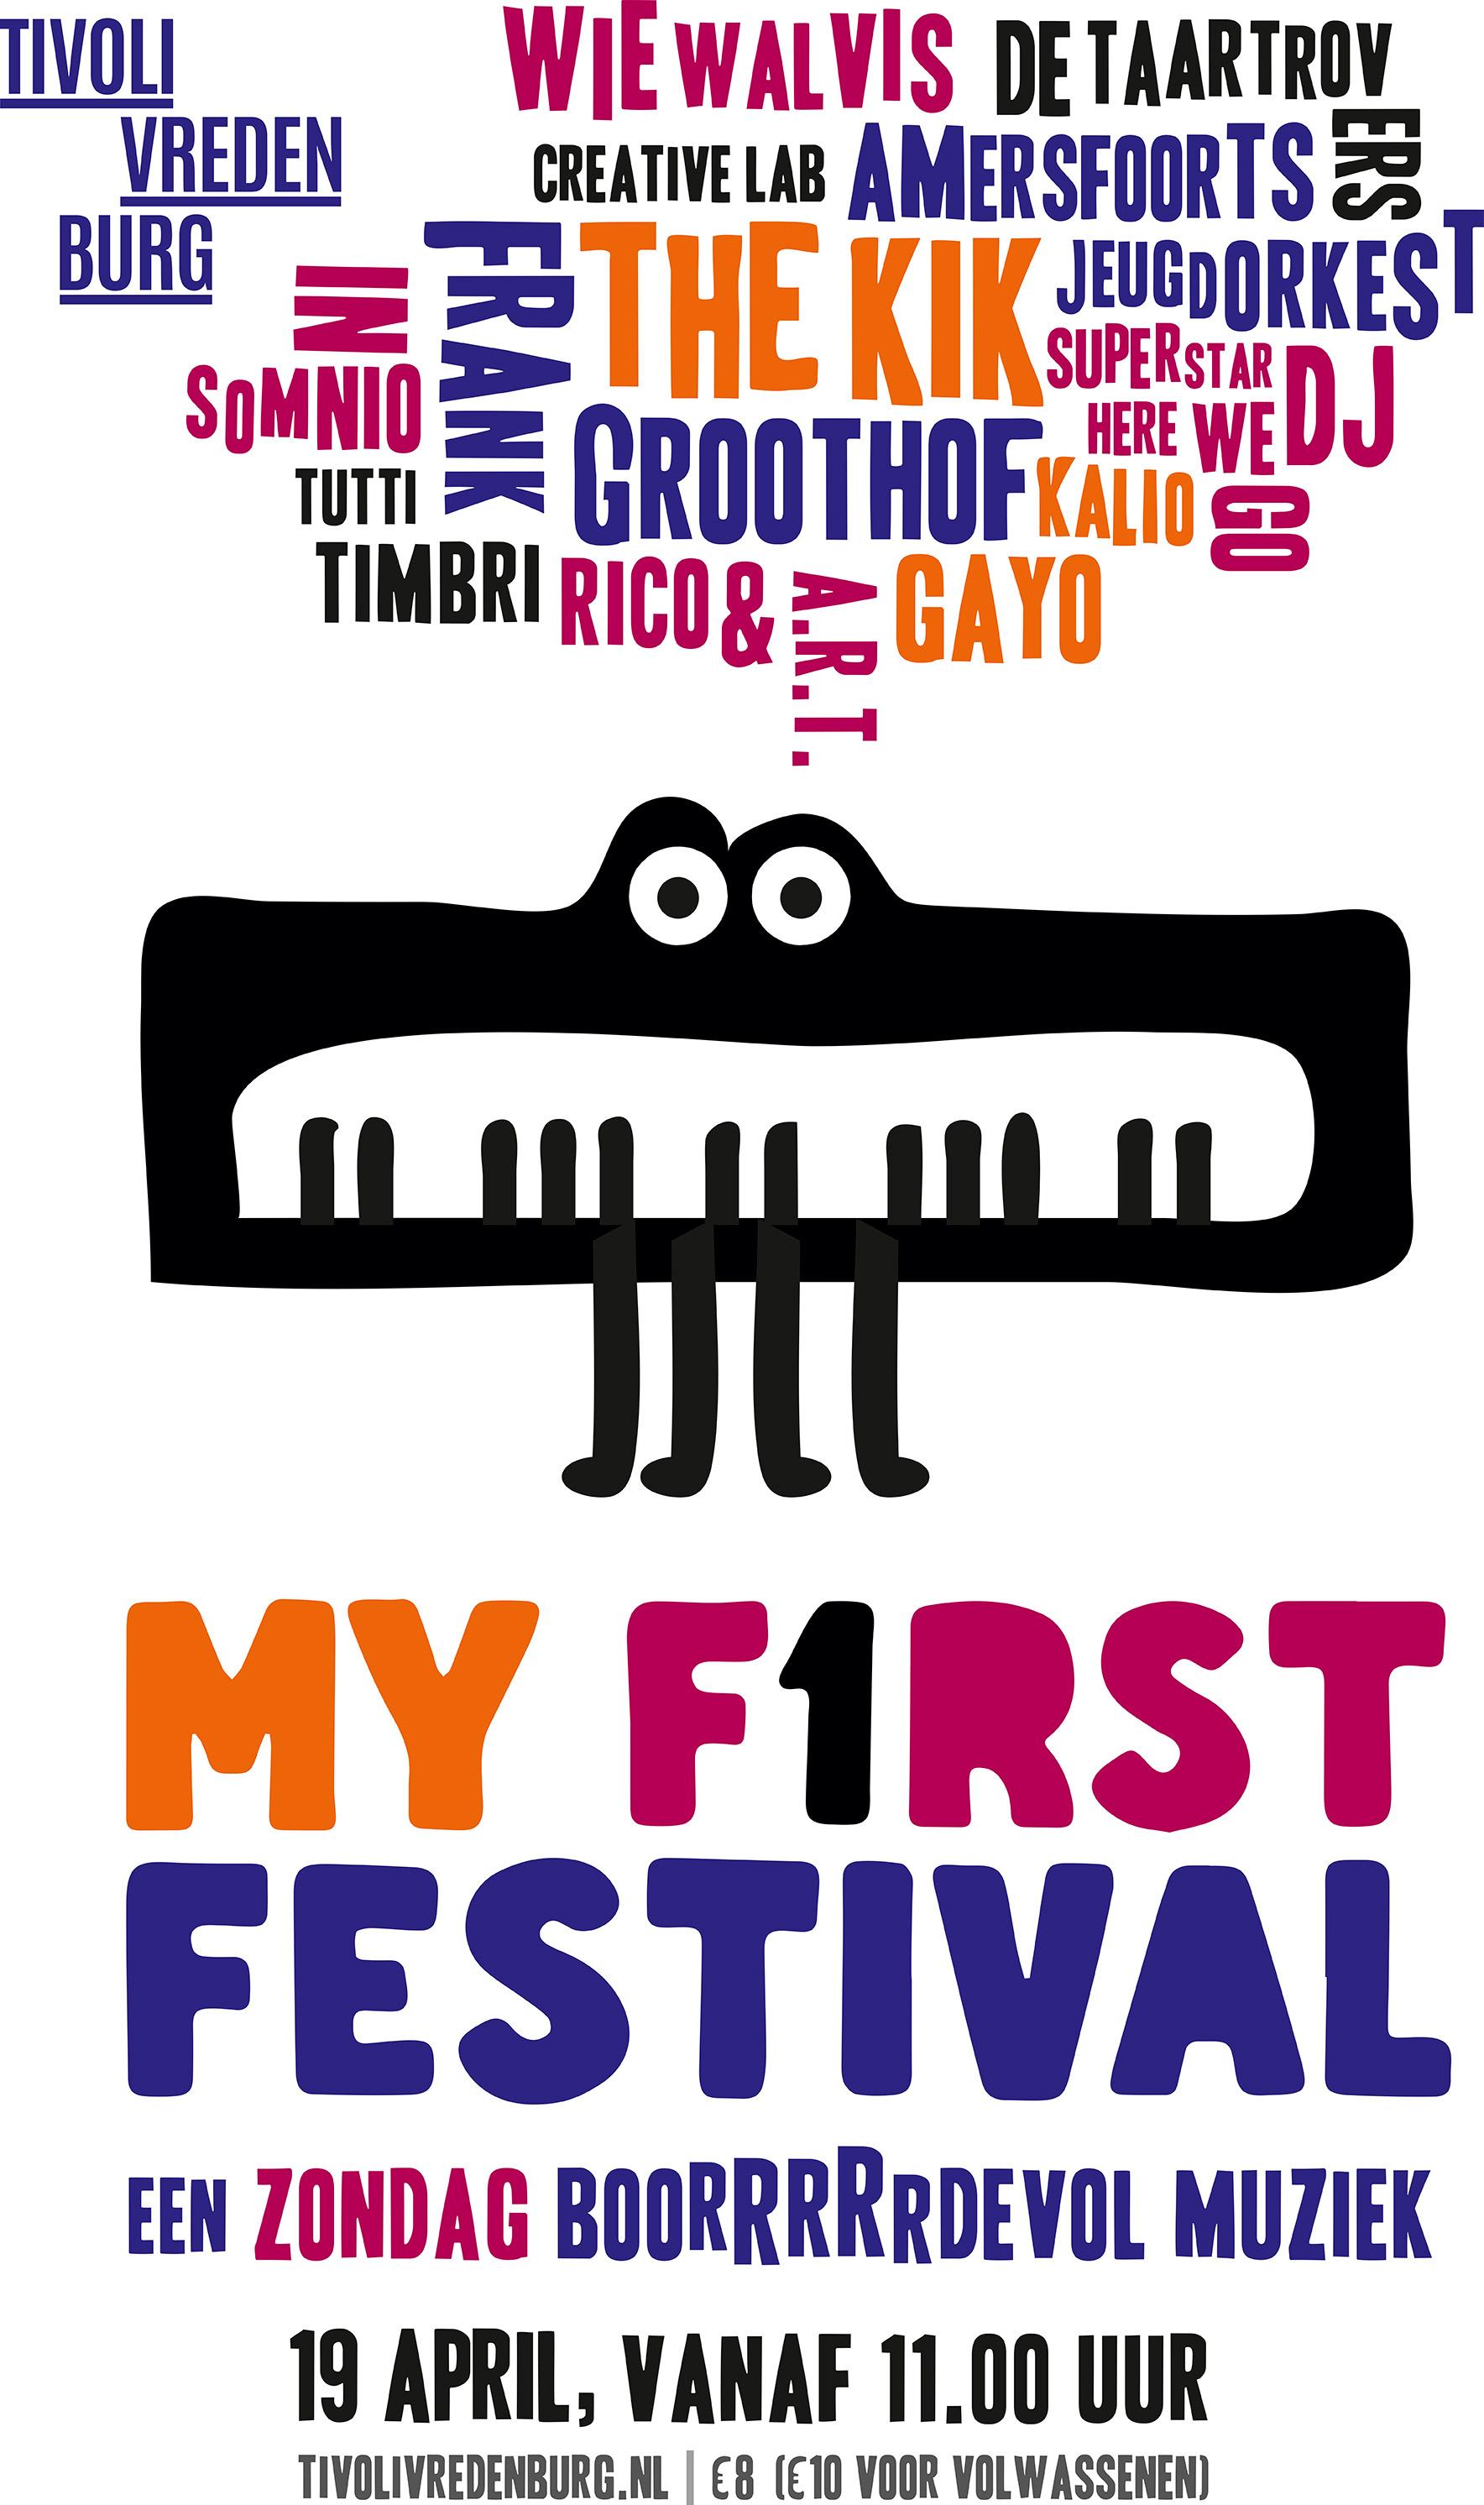 My First Festival Tivolivredenburg